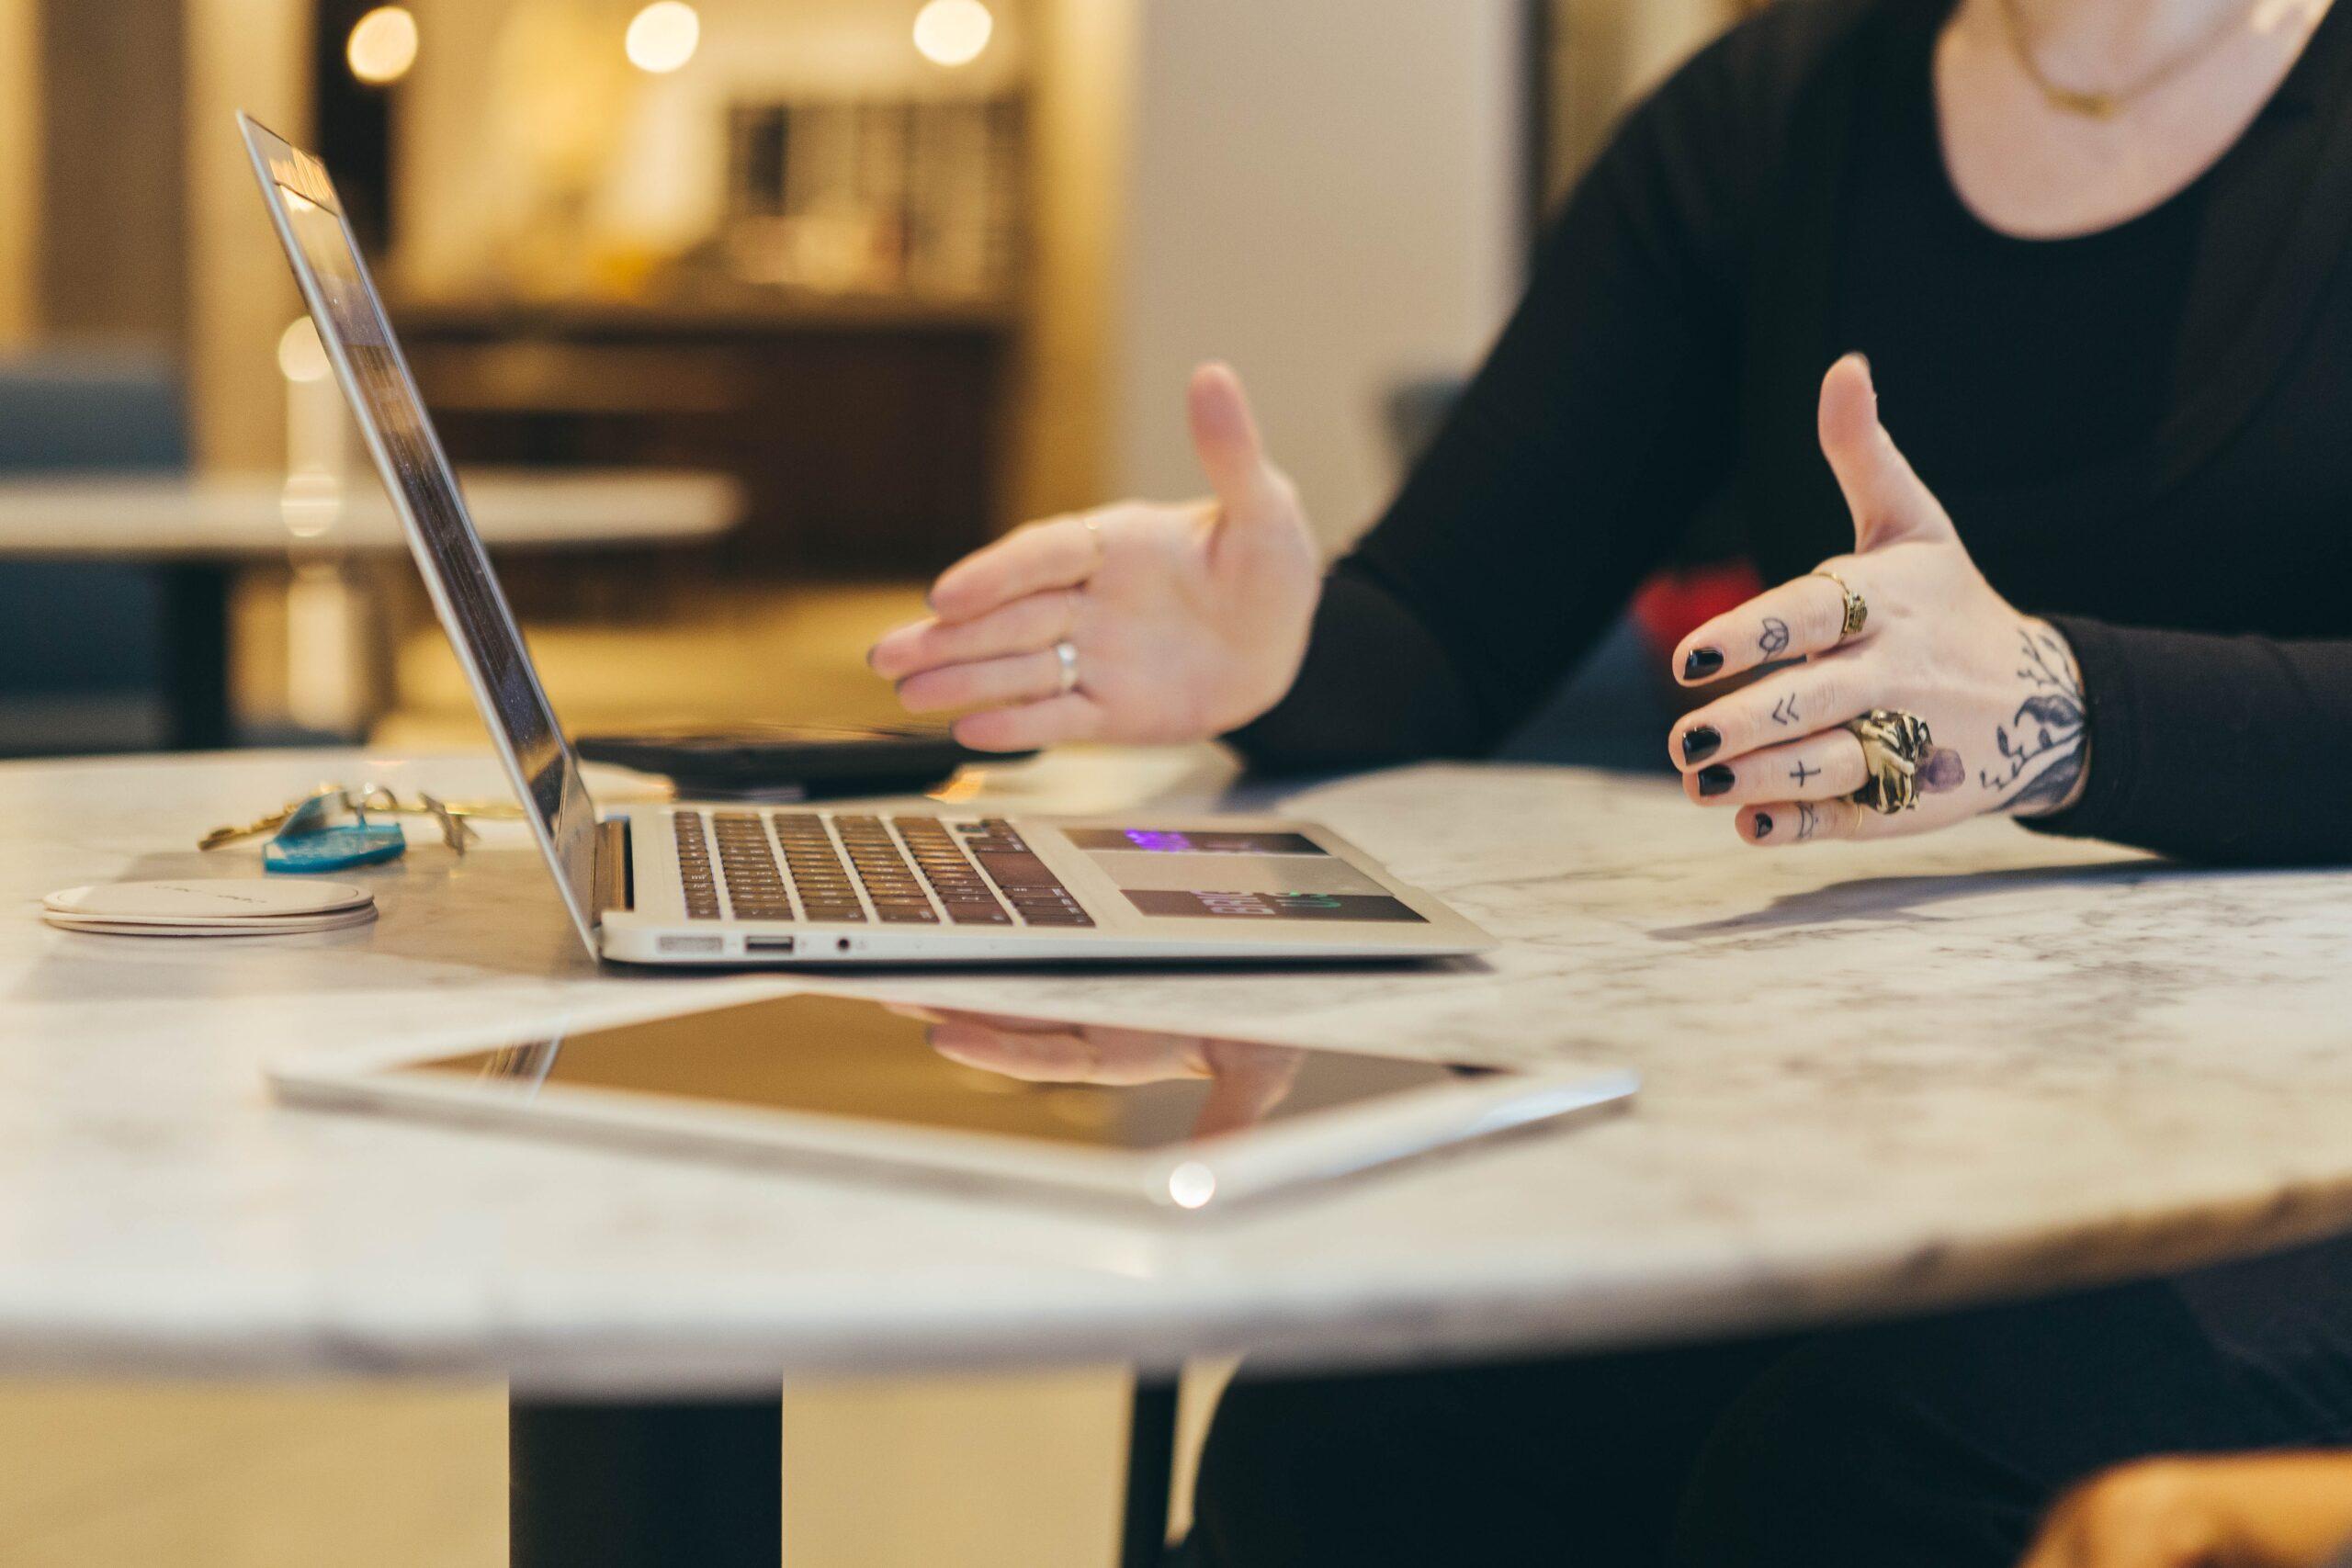 障がい者雇用で転職に失敗しない為の対策を検討するエージェント